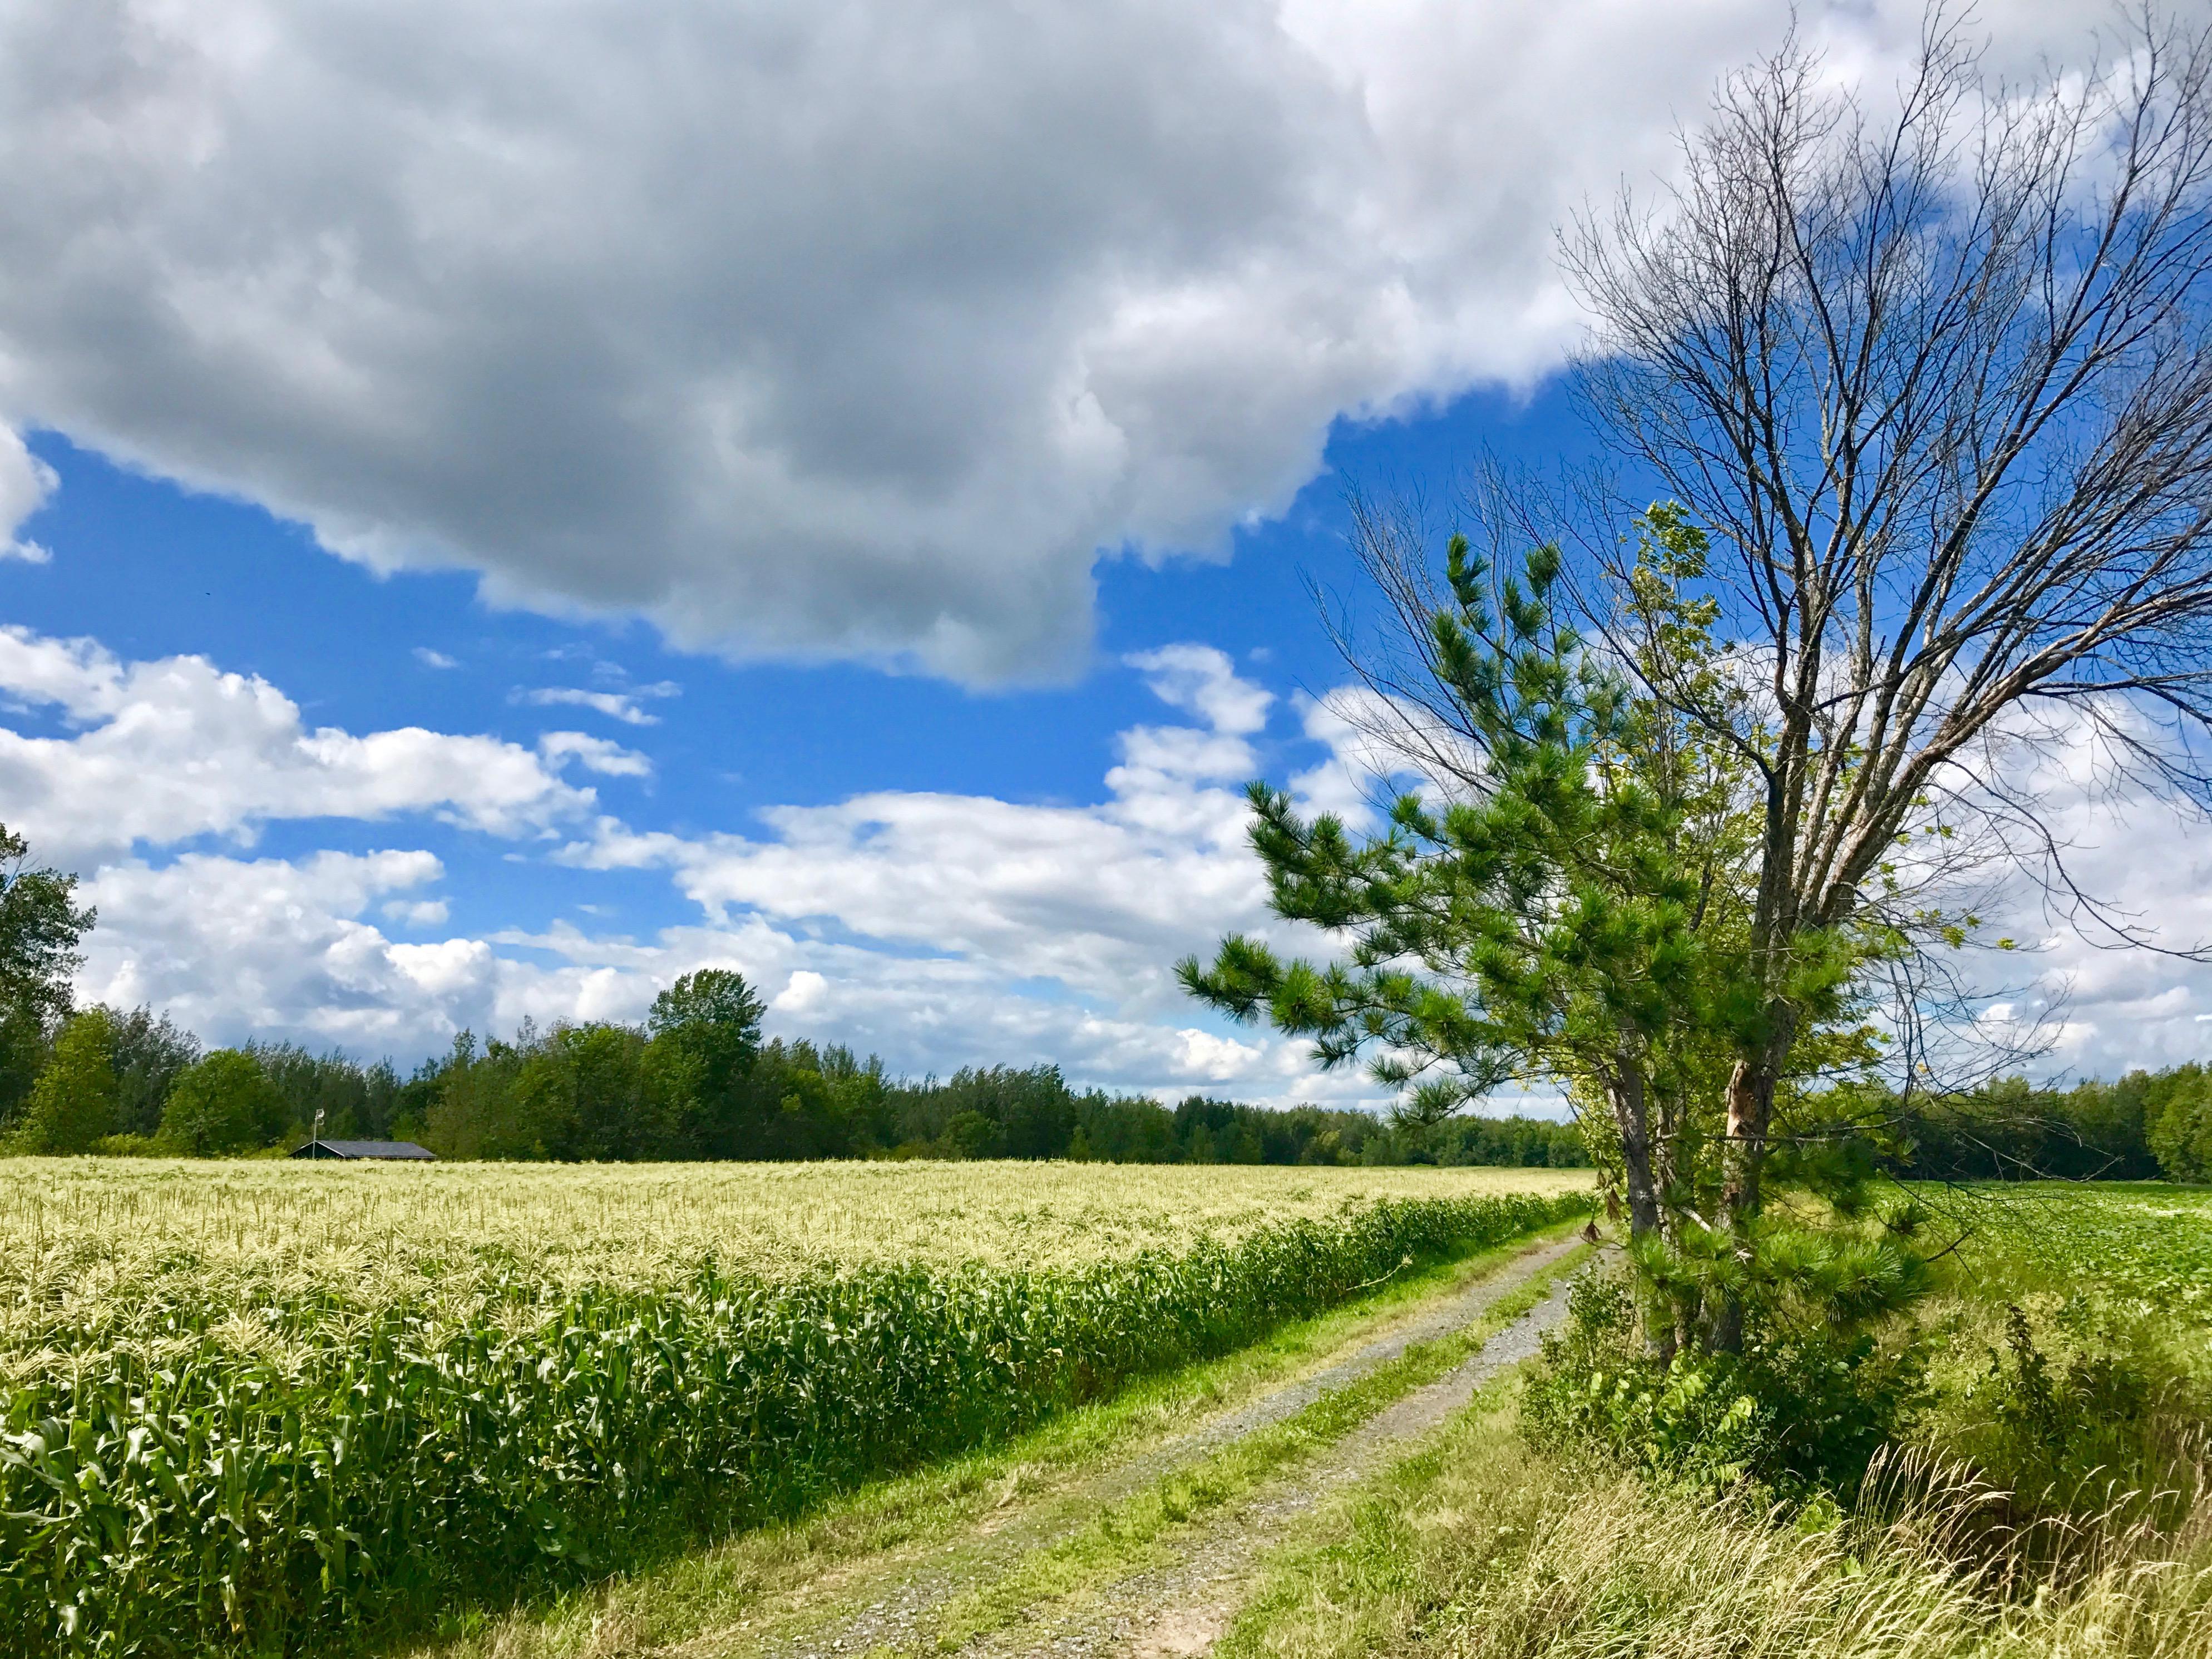 la ferme quinn Quebec perspective photo